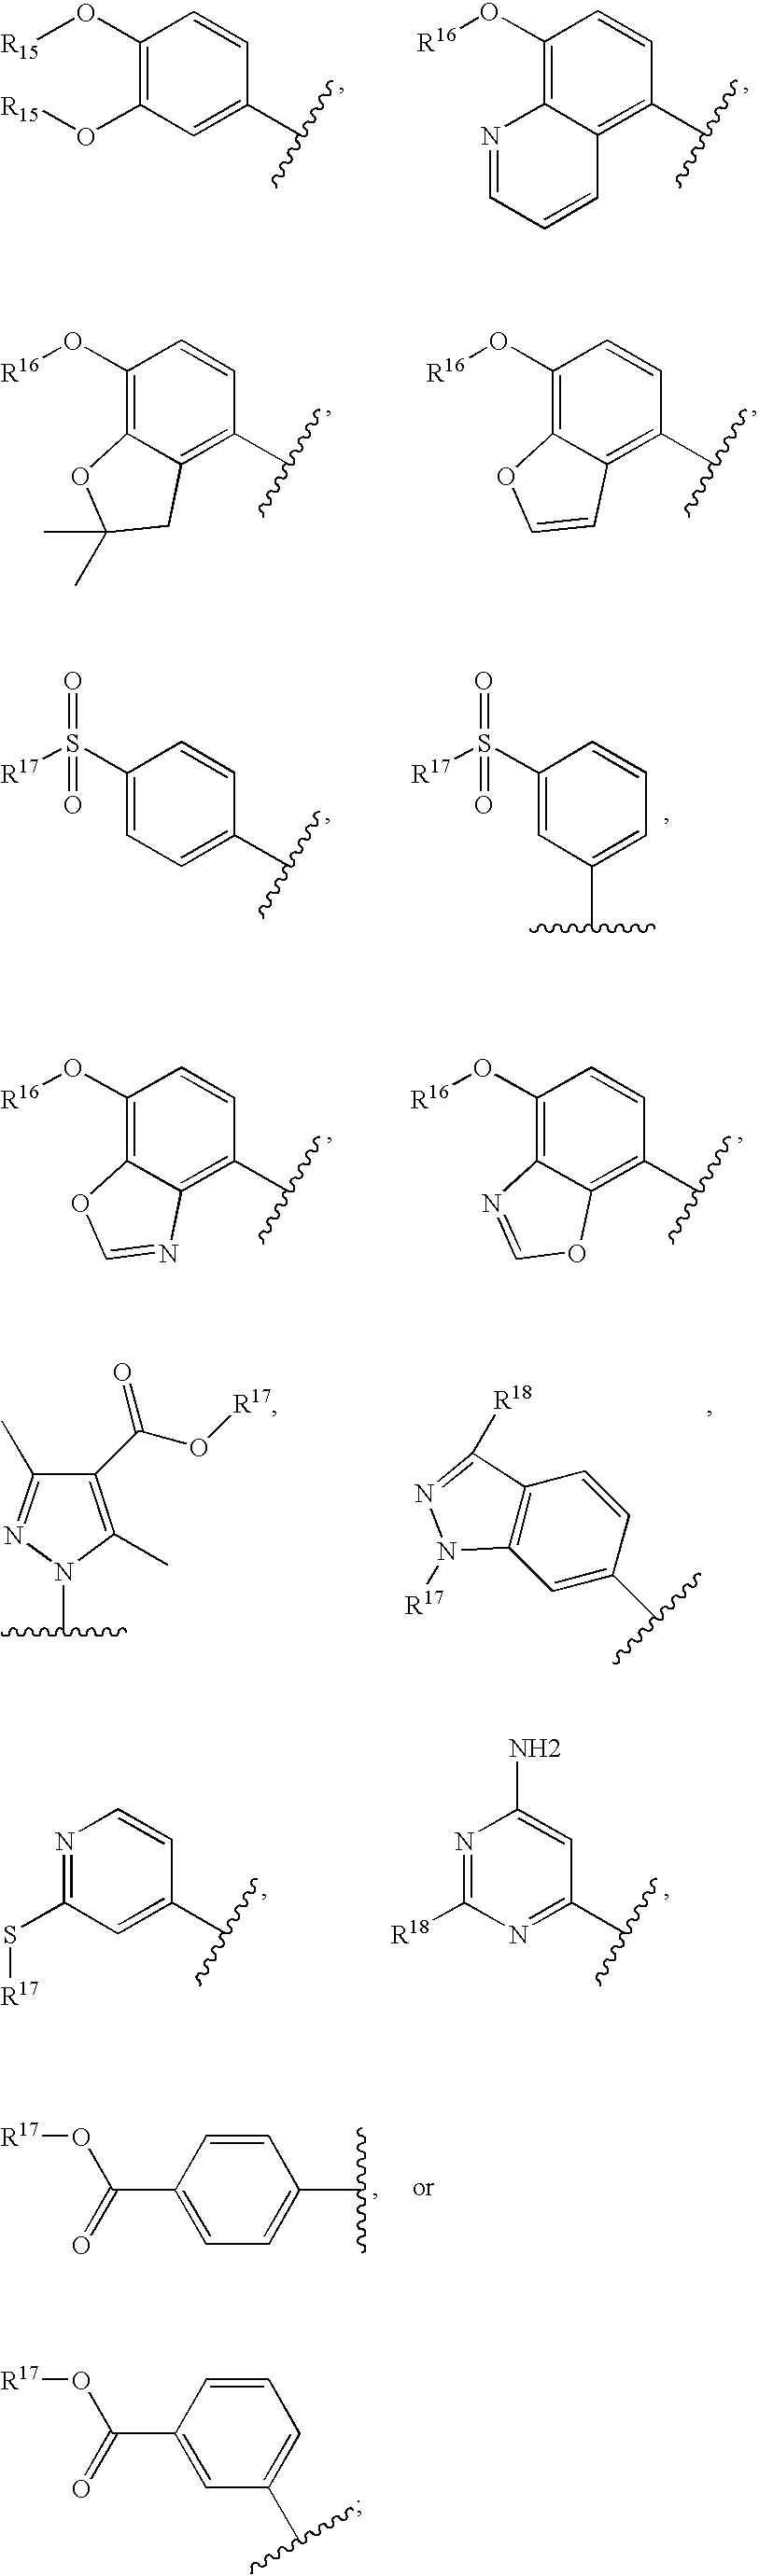 Figure US20060100218A1-20060511-C00004